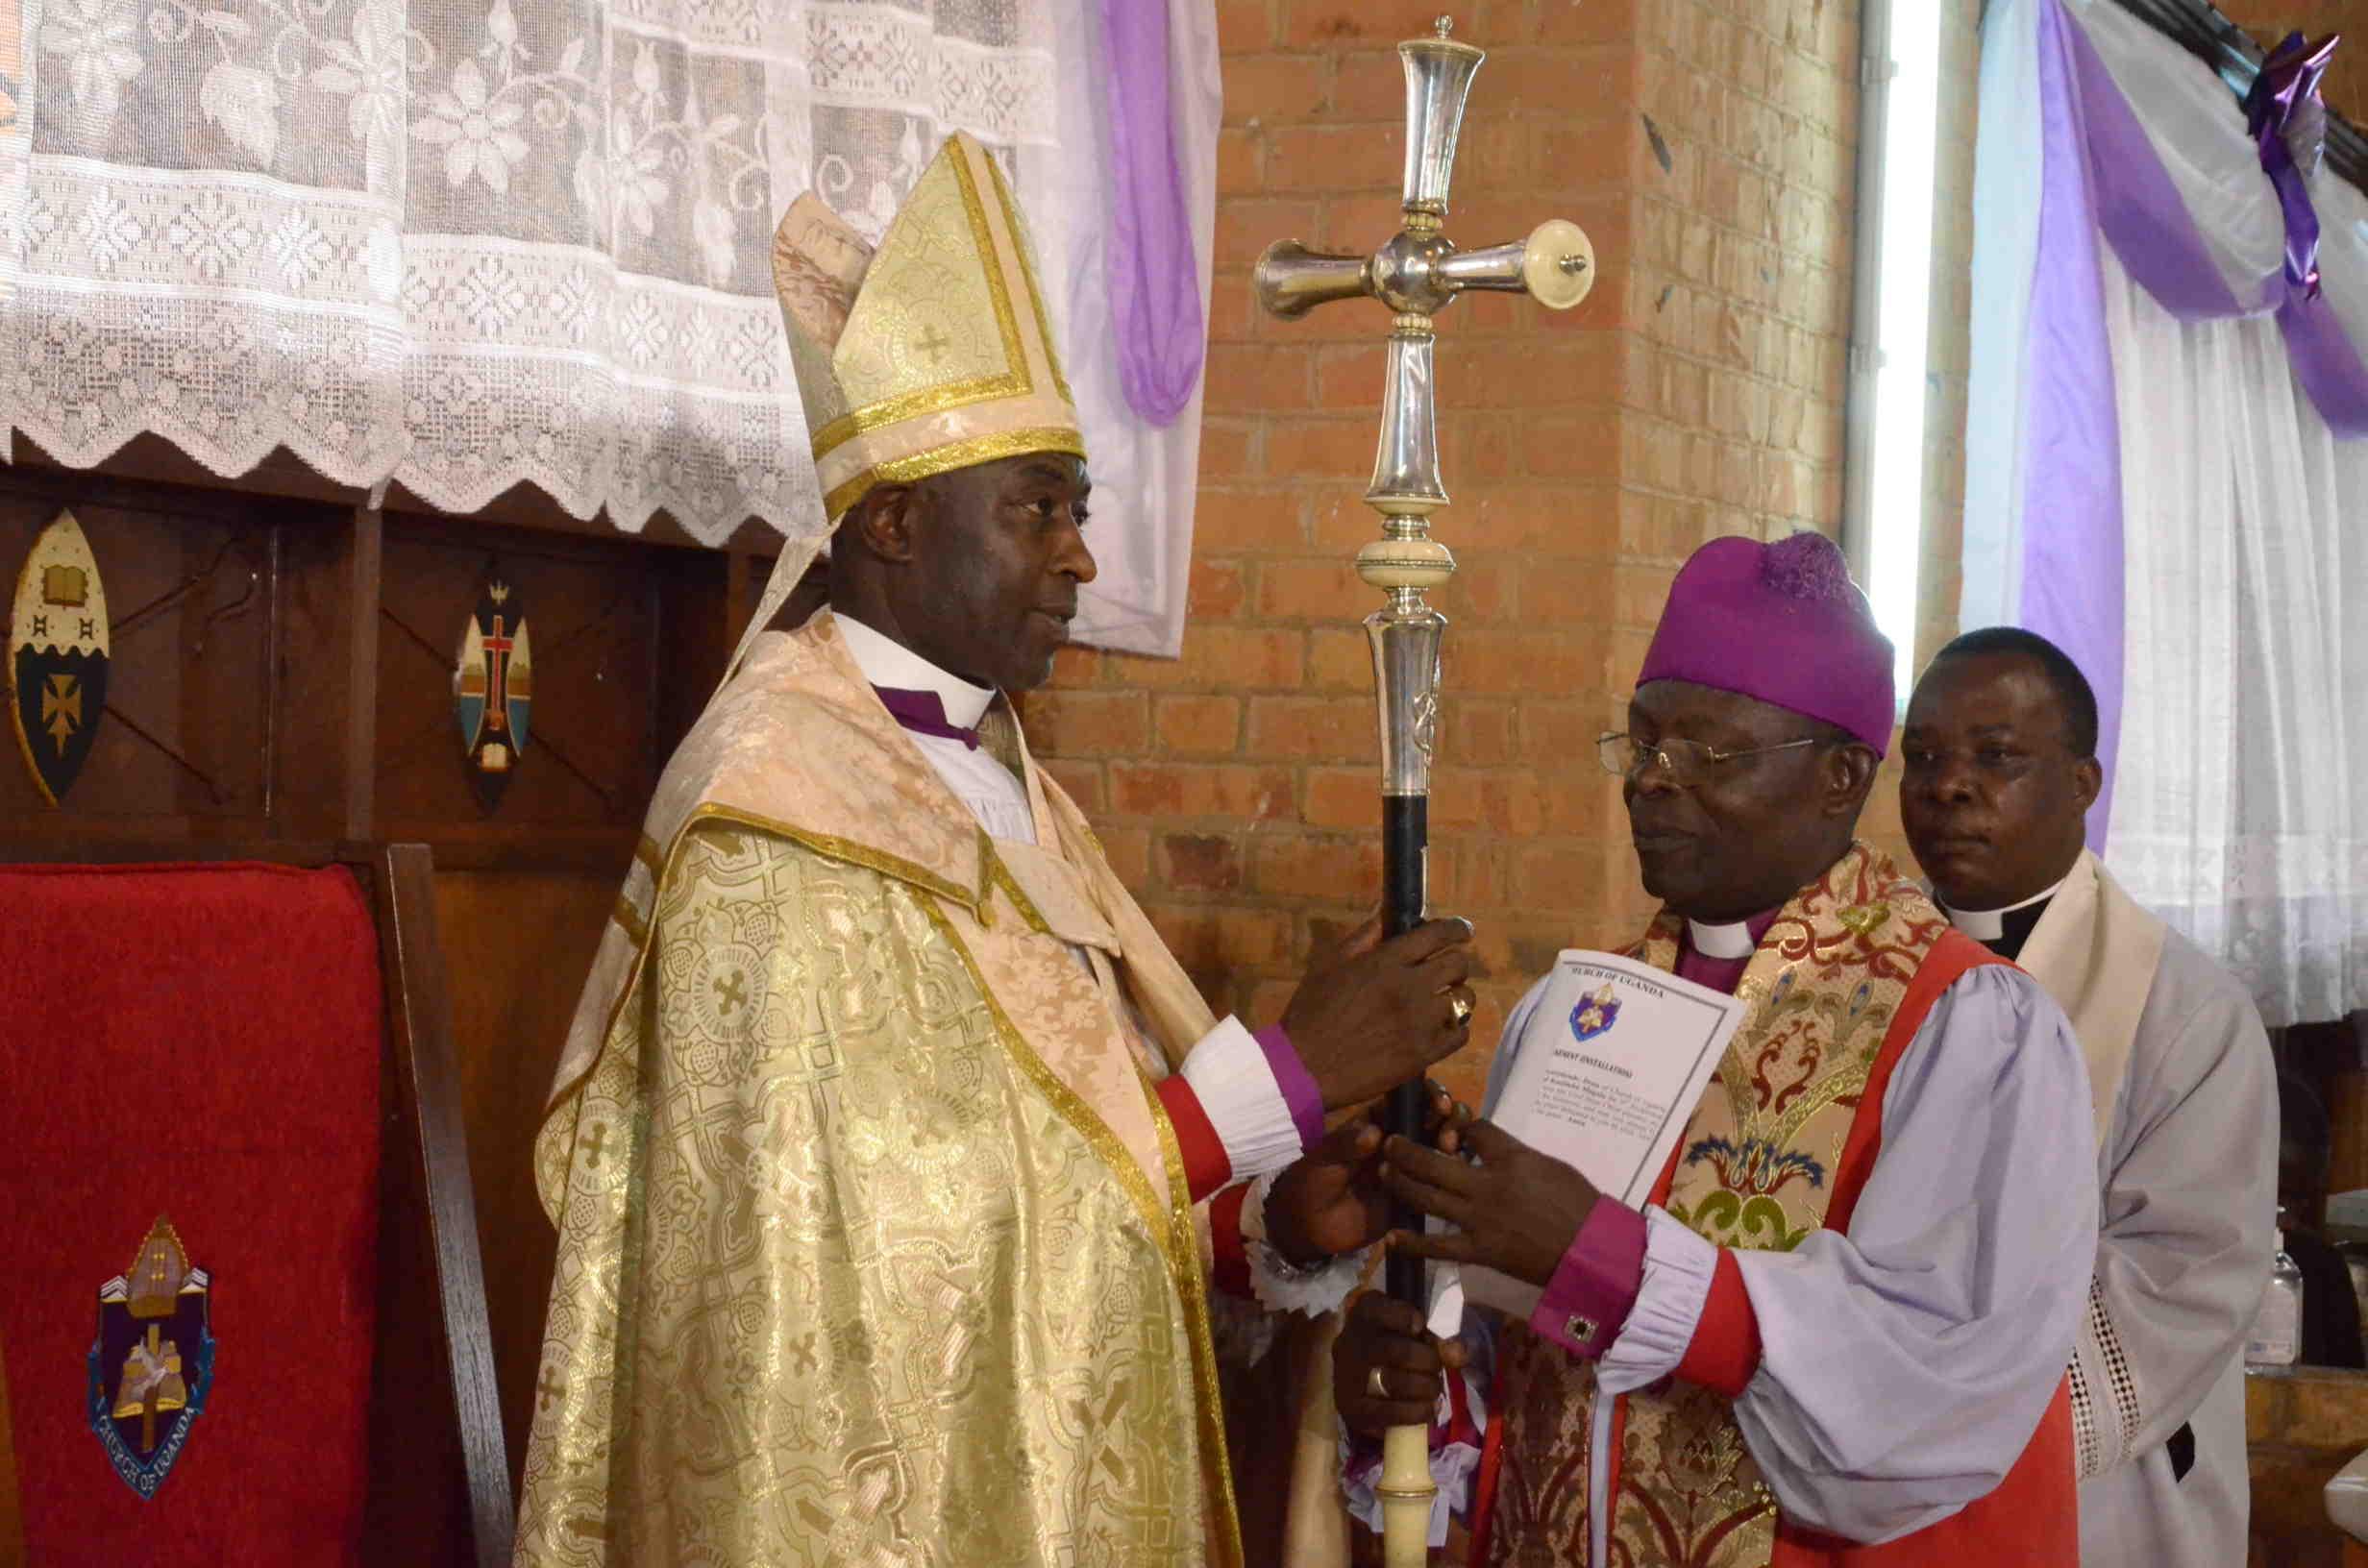 ARCHBISHOP STEPHEN KAZIIMBA ENTHRONED AS 9TH ARCHBISHOP OF UGANDA